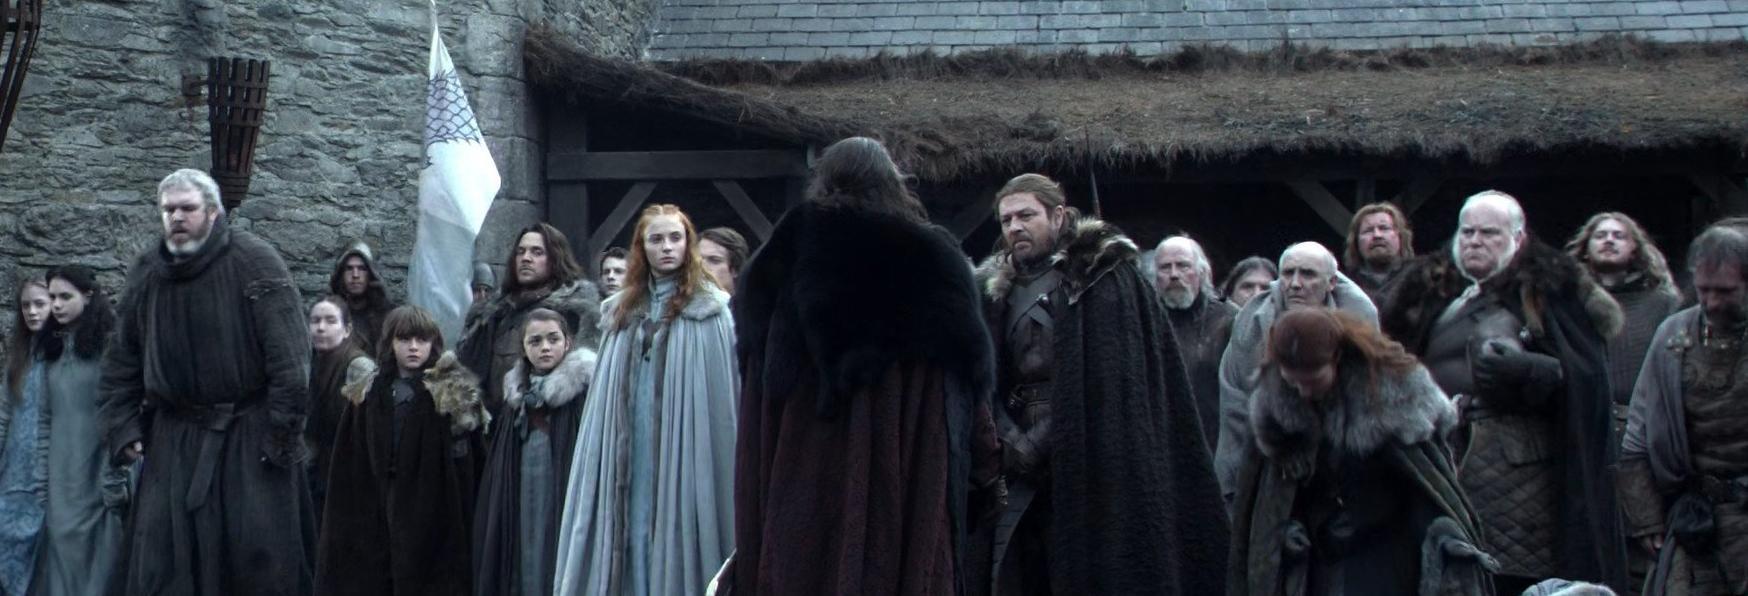 Game of Thrones: reunion segreta del cast al completo, anche gli ex!